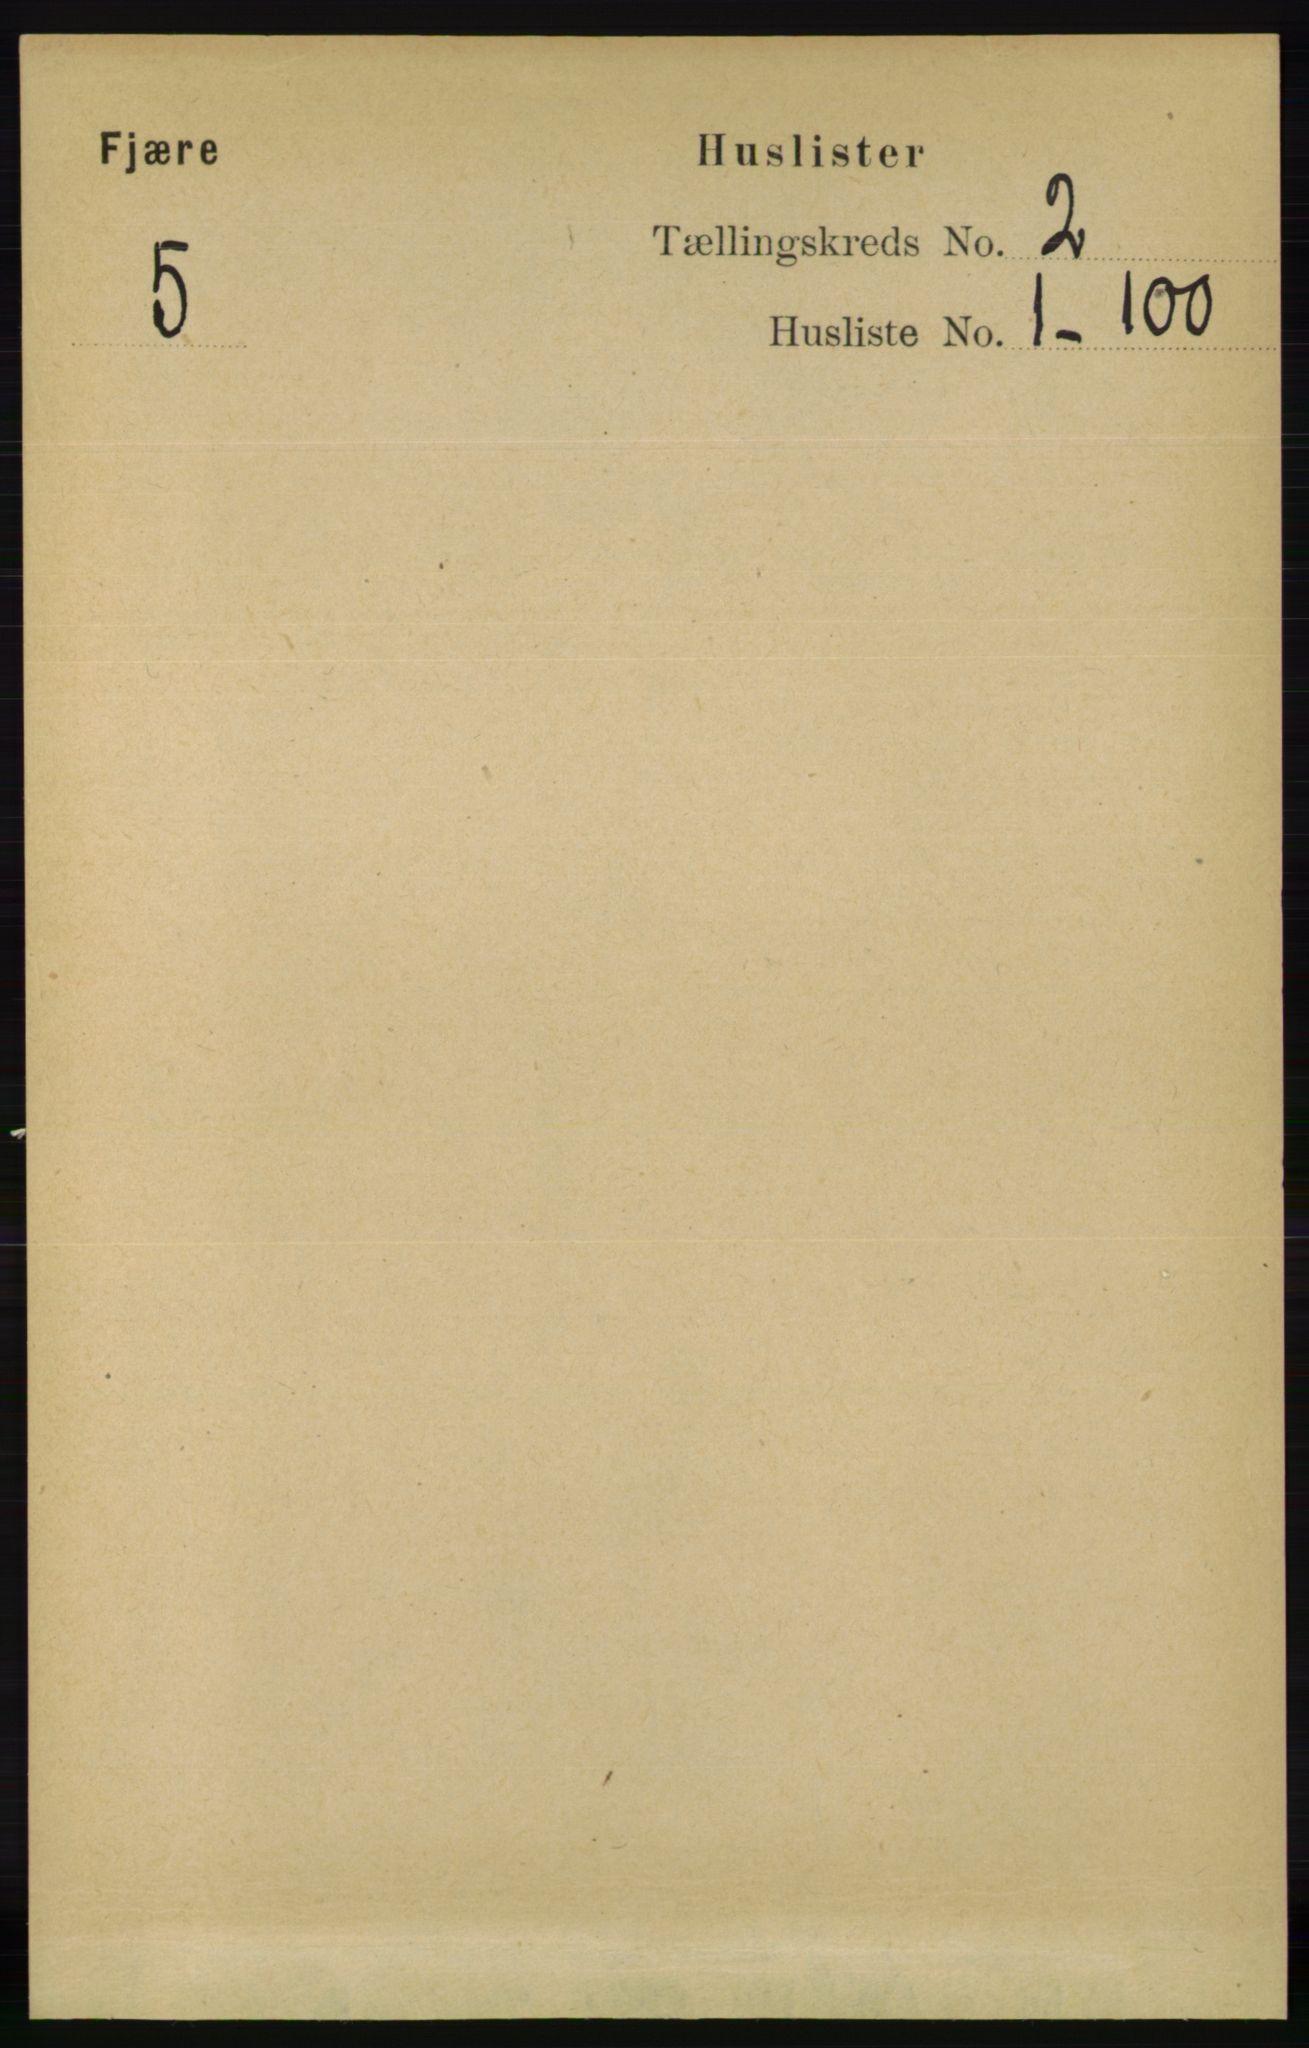 RA, Folketelling 1891 for 0923 Fjære herred, 1891, s. 635